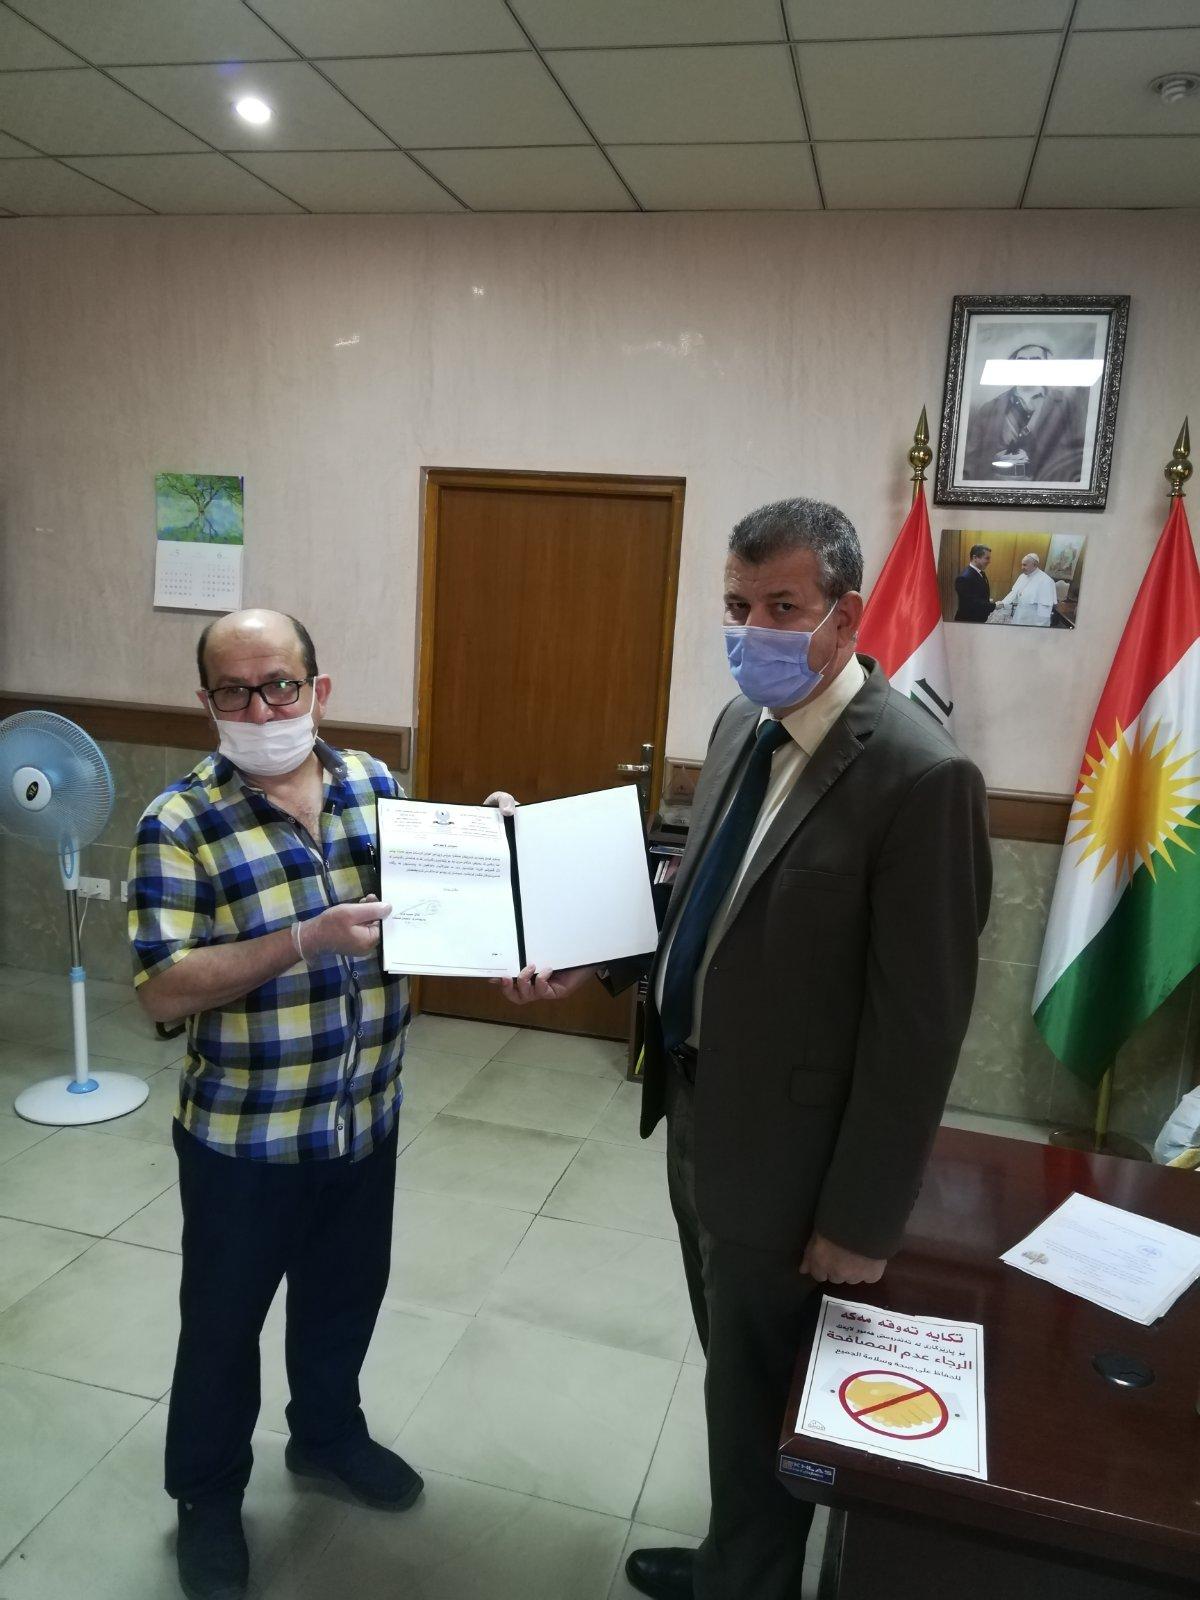 ناحية عنكاوا تشكر مؤسسة سورايا في حملاتها التوعوية لمكافحة فايروس كورونا